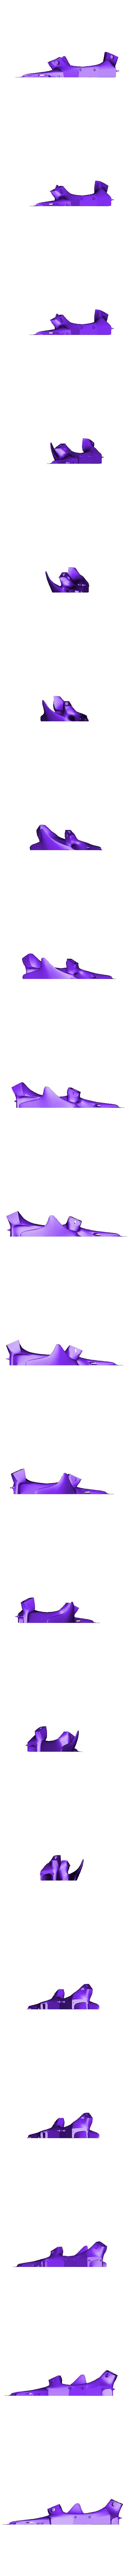 Dragon_MrkI_body_B.stl Télécharger fichier STL gratuit Superbes cadres quadruples à l'allure géniale • Plan pour impression 3D, Fastidious_Rex